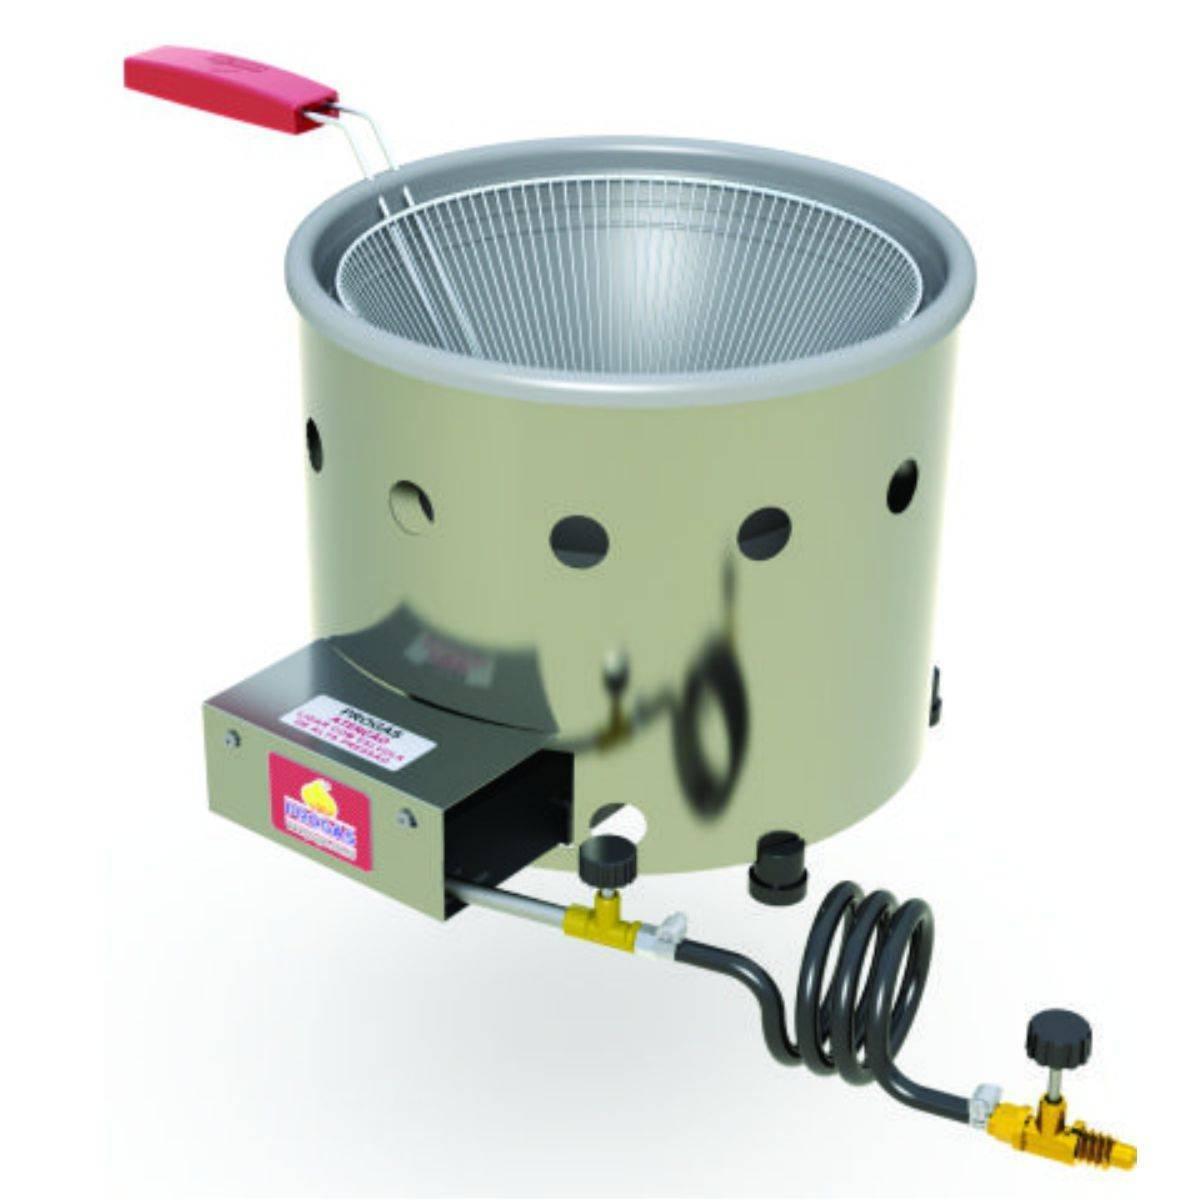 Tacho de Fritura Inox a Gás 3 litros PR-310 G Progás  - Magazine do Chef